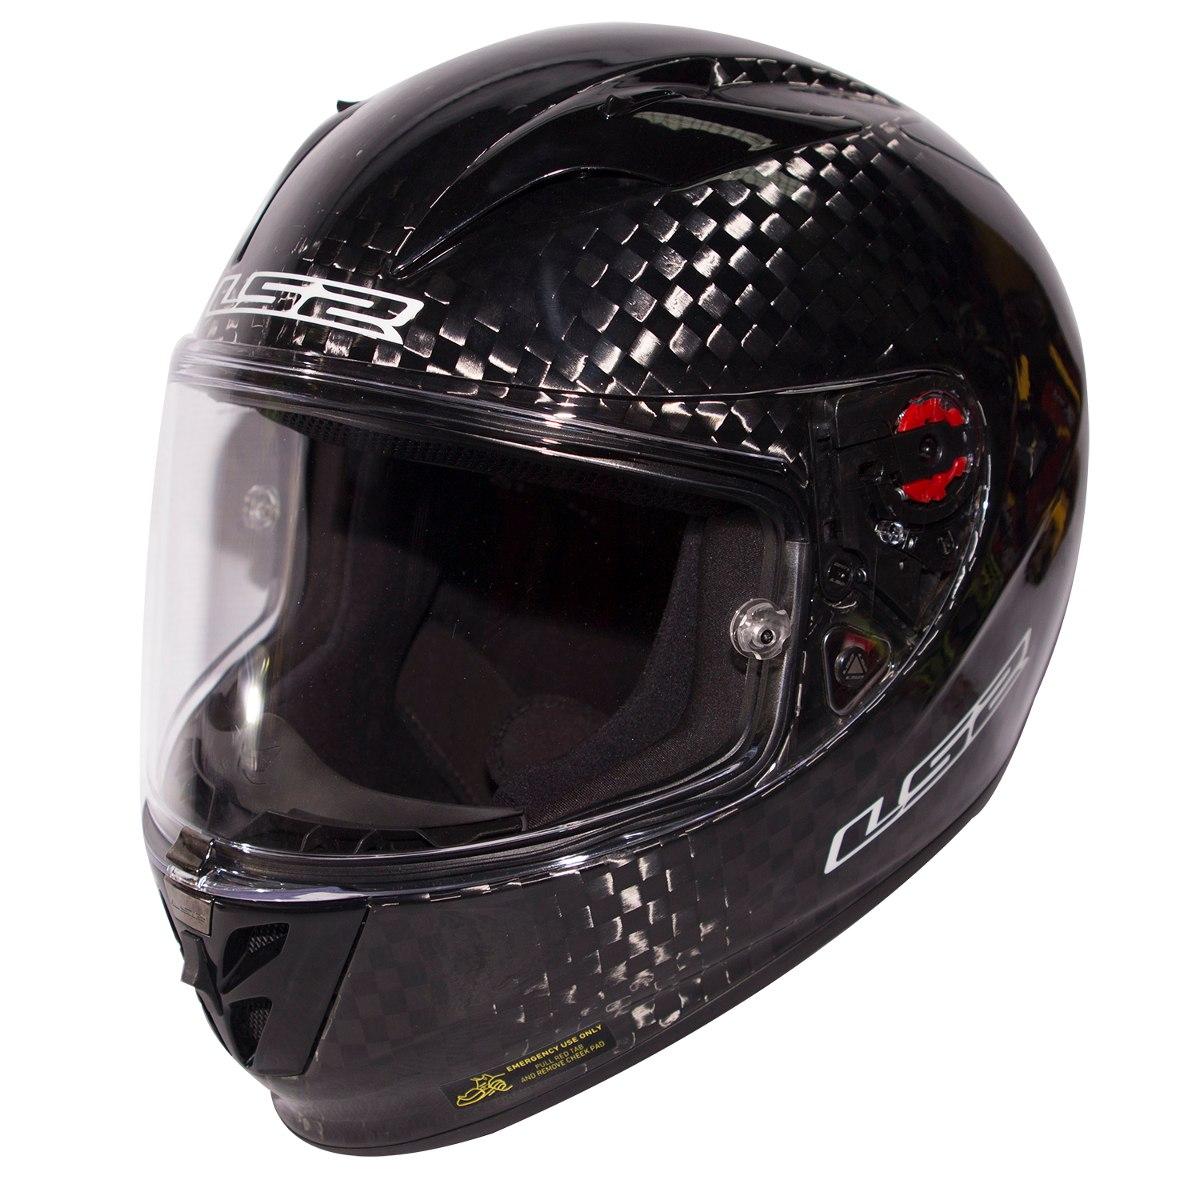 Cascos Moto Ls2 Casco Moto Ls2 Ff323 Arrow